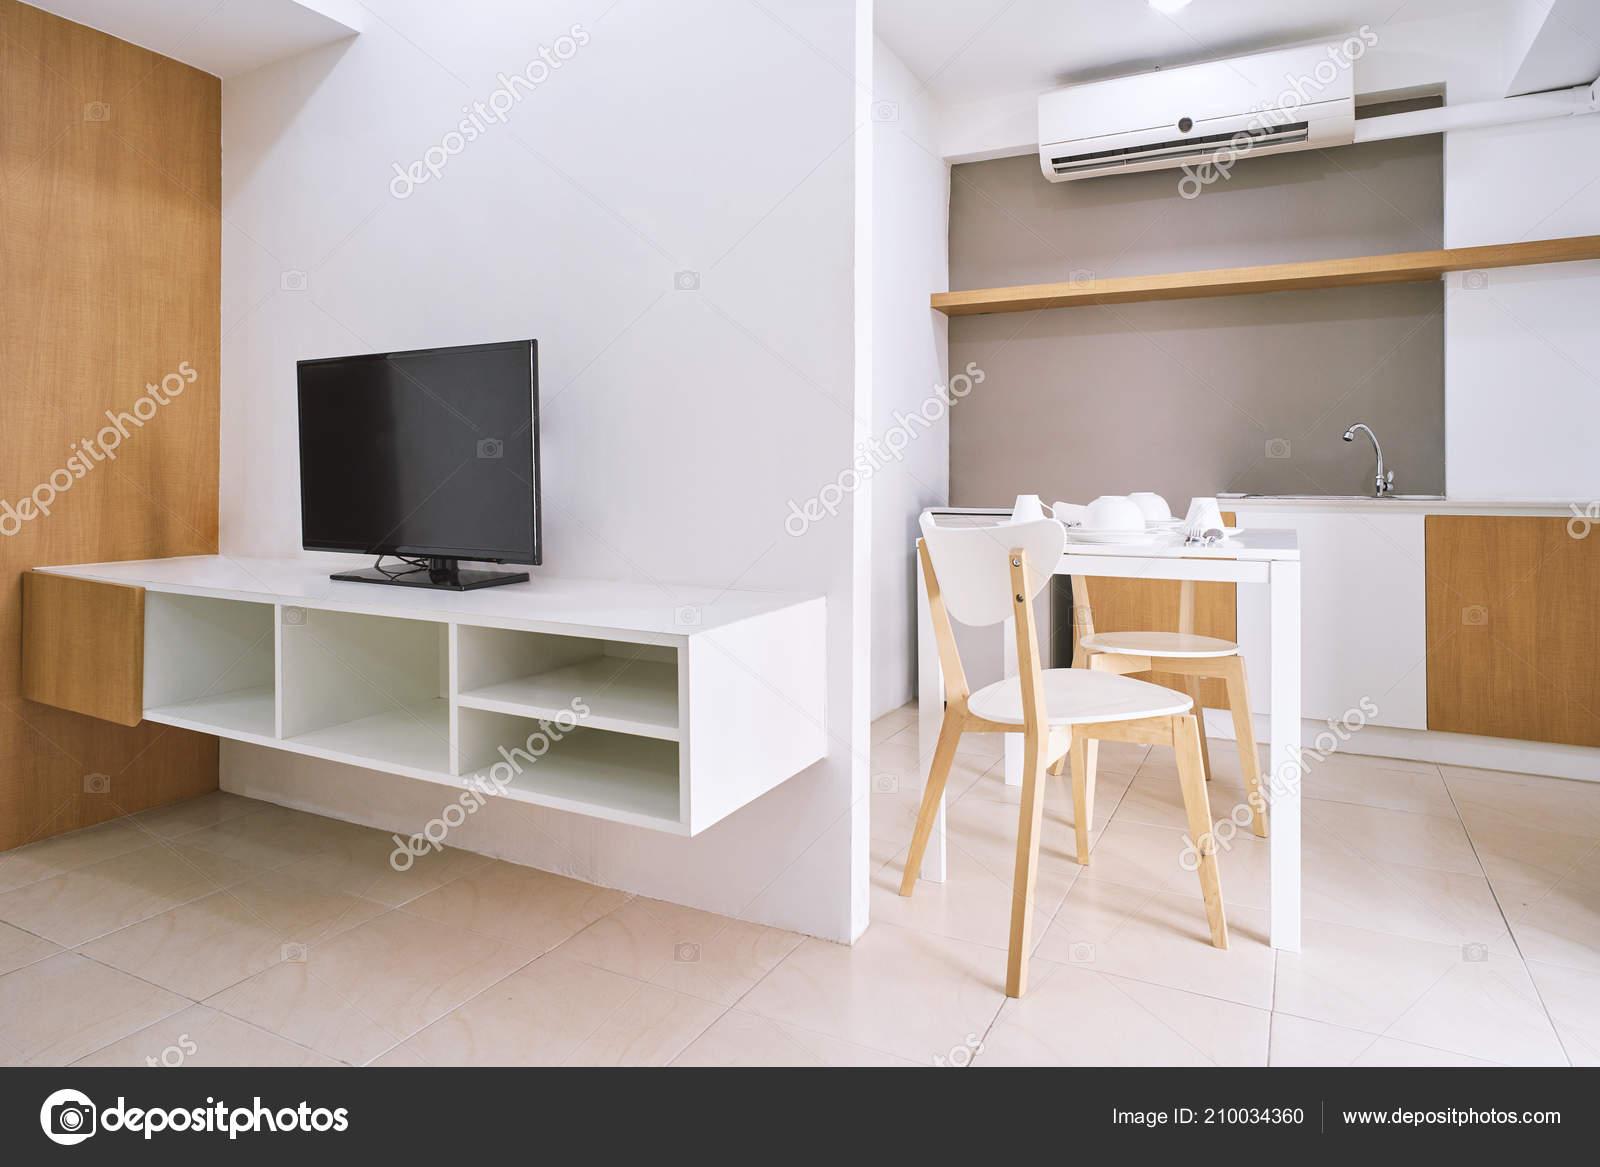 Concept van modern leven appartement kamer decoratie met